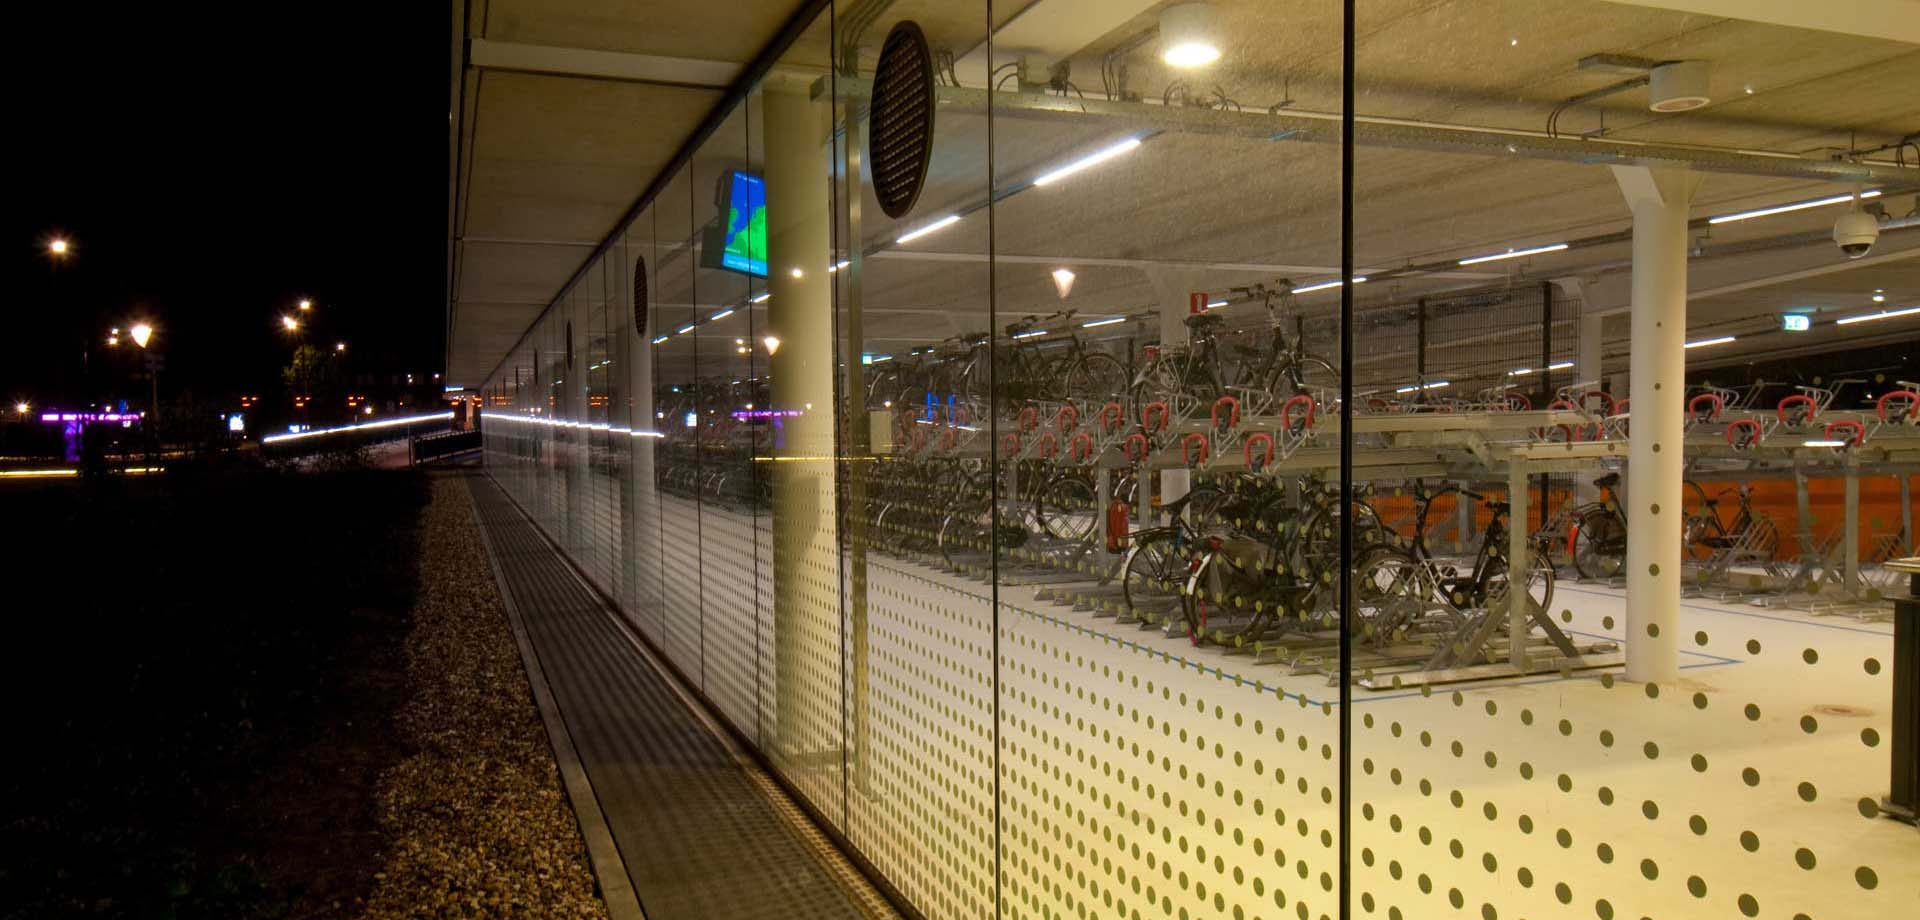 fietsenstalling  Helmond